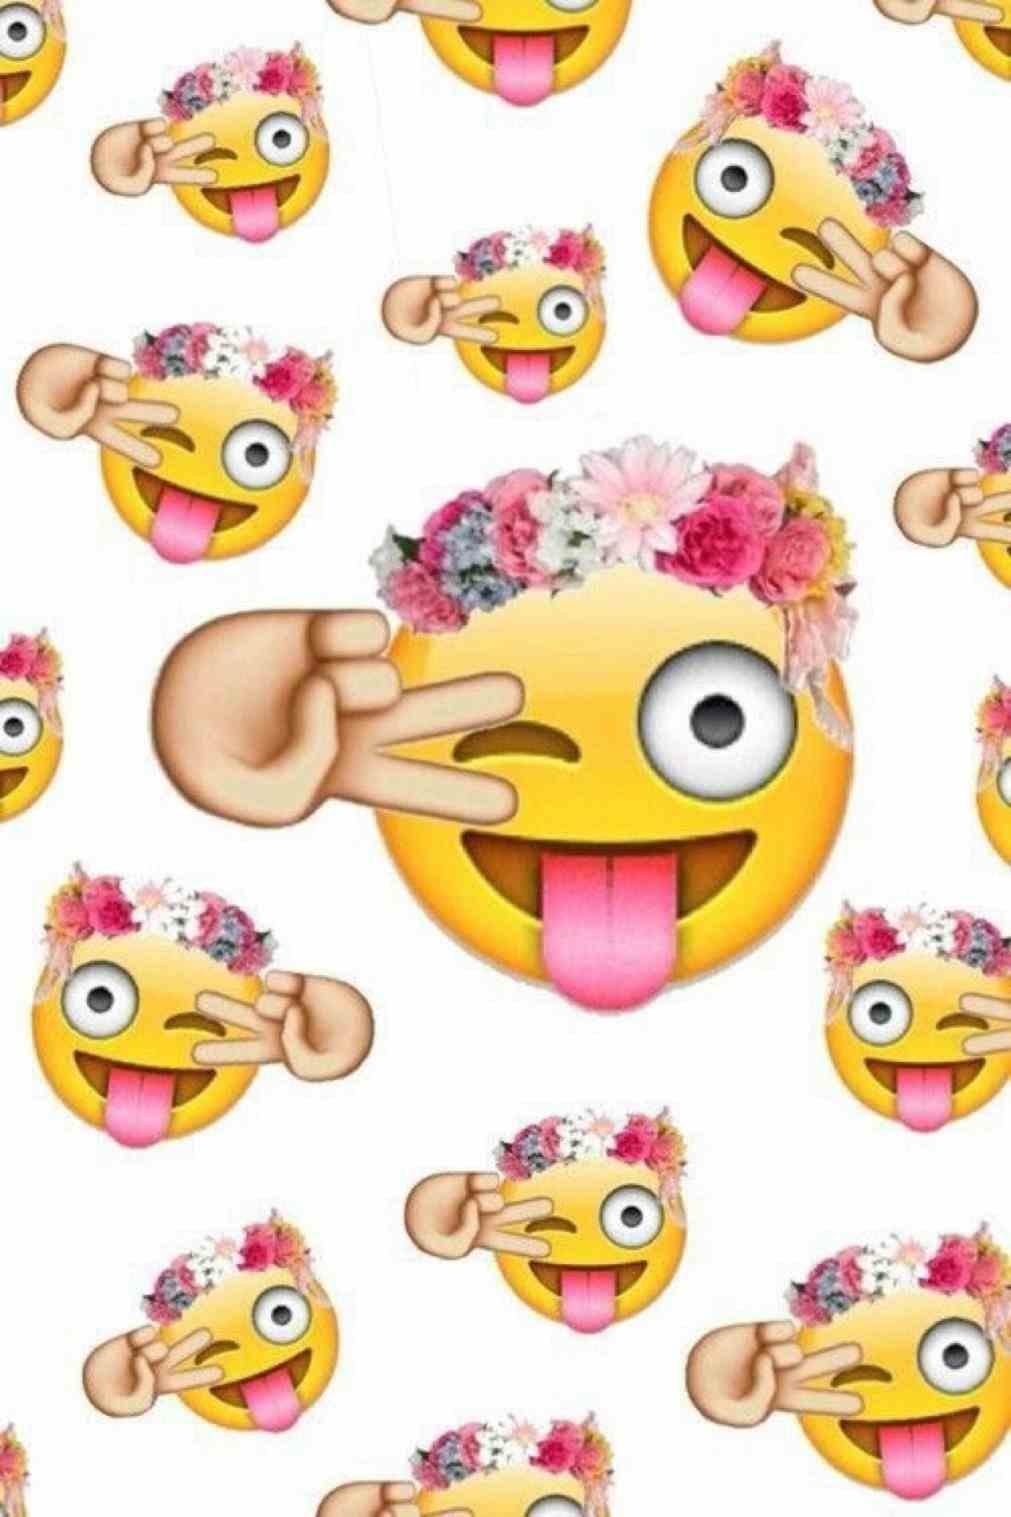 Cute Emoji Wallpapers - Emojis Para Fondo De Whatsapp , HD Wallpaper & Backgrounds